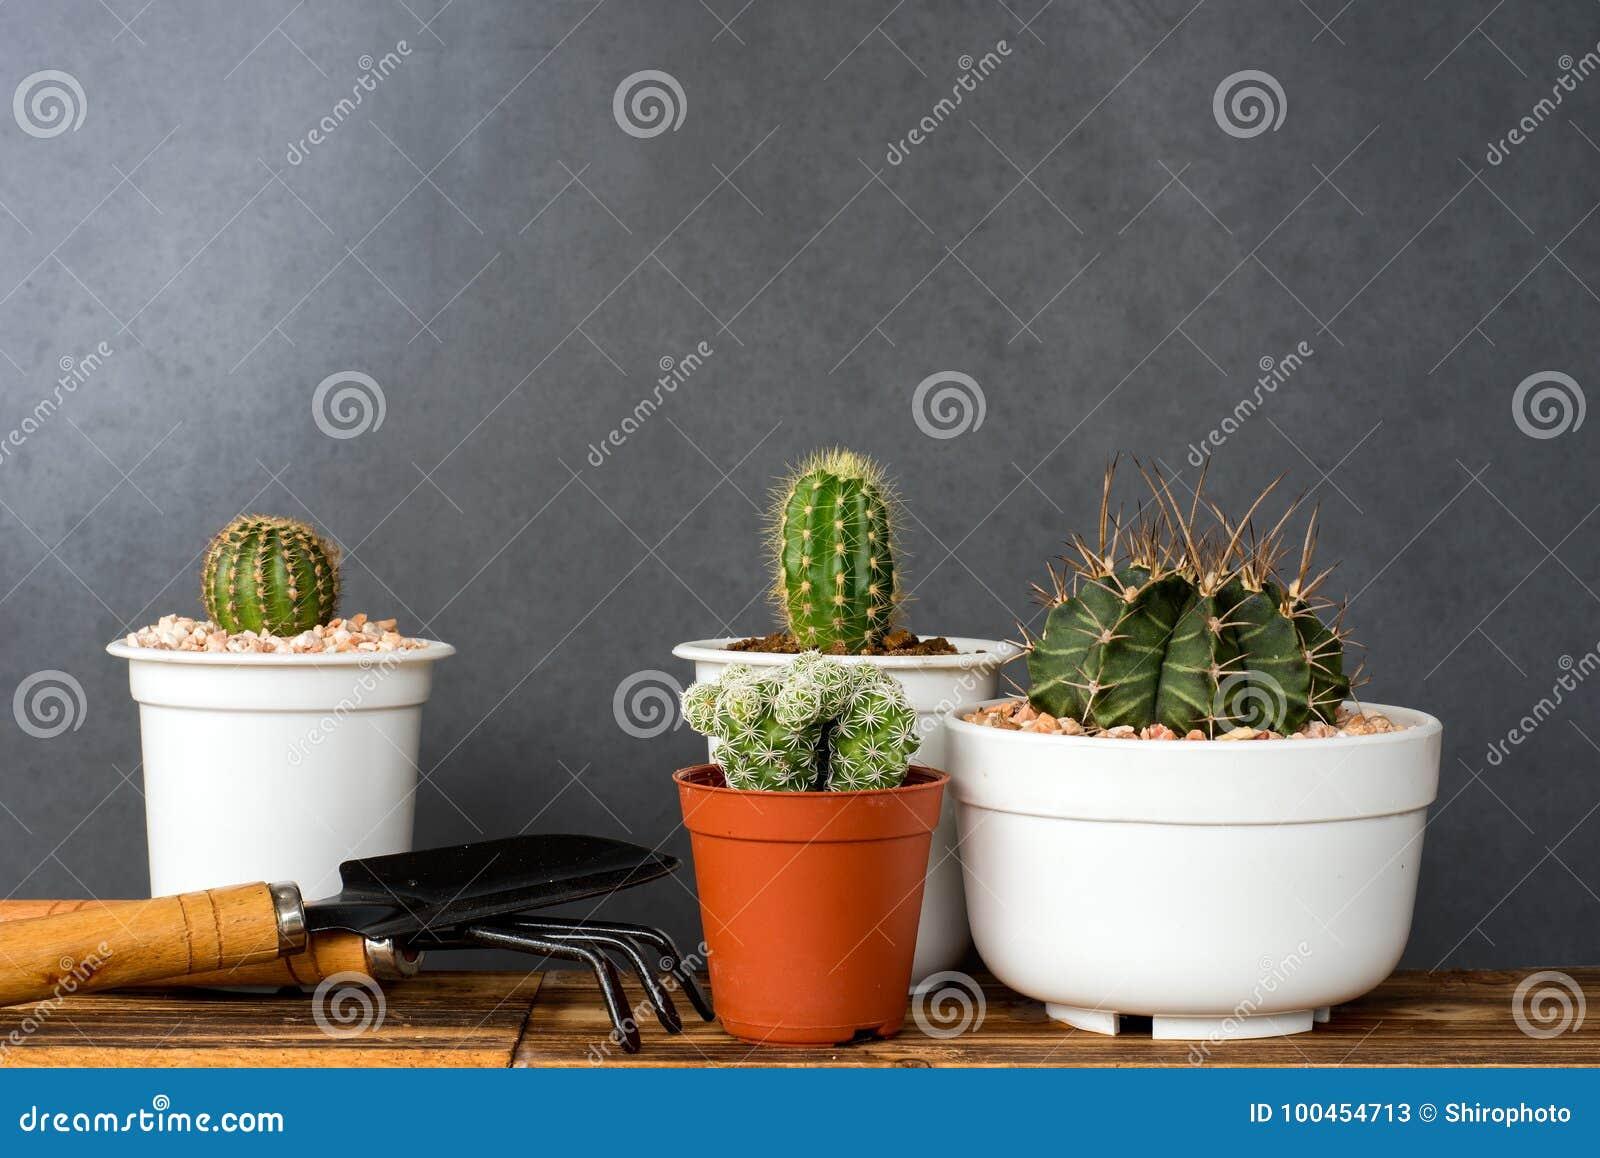 Jardin D Interieur Adorable De Cactus Image Stock Image Du Flore